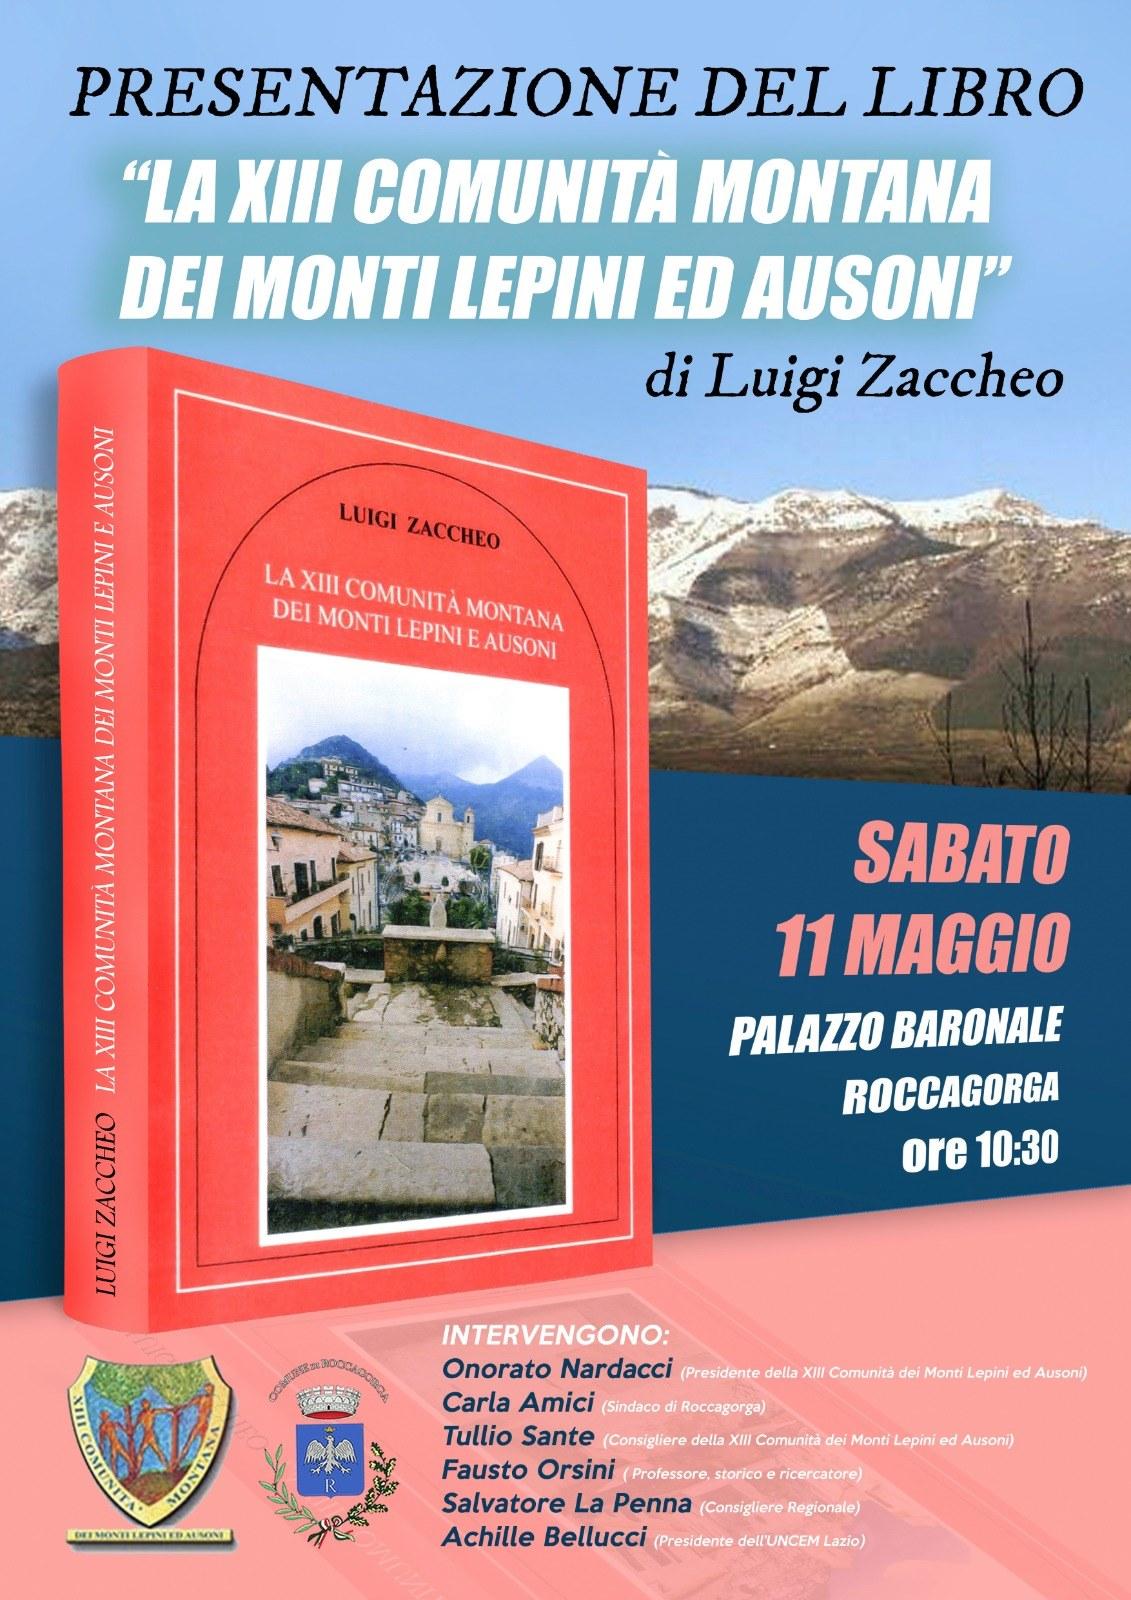 Roccagorga: Presentazione libro @ Palazzo baronale | Roccagorga | Lazio | Italia